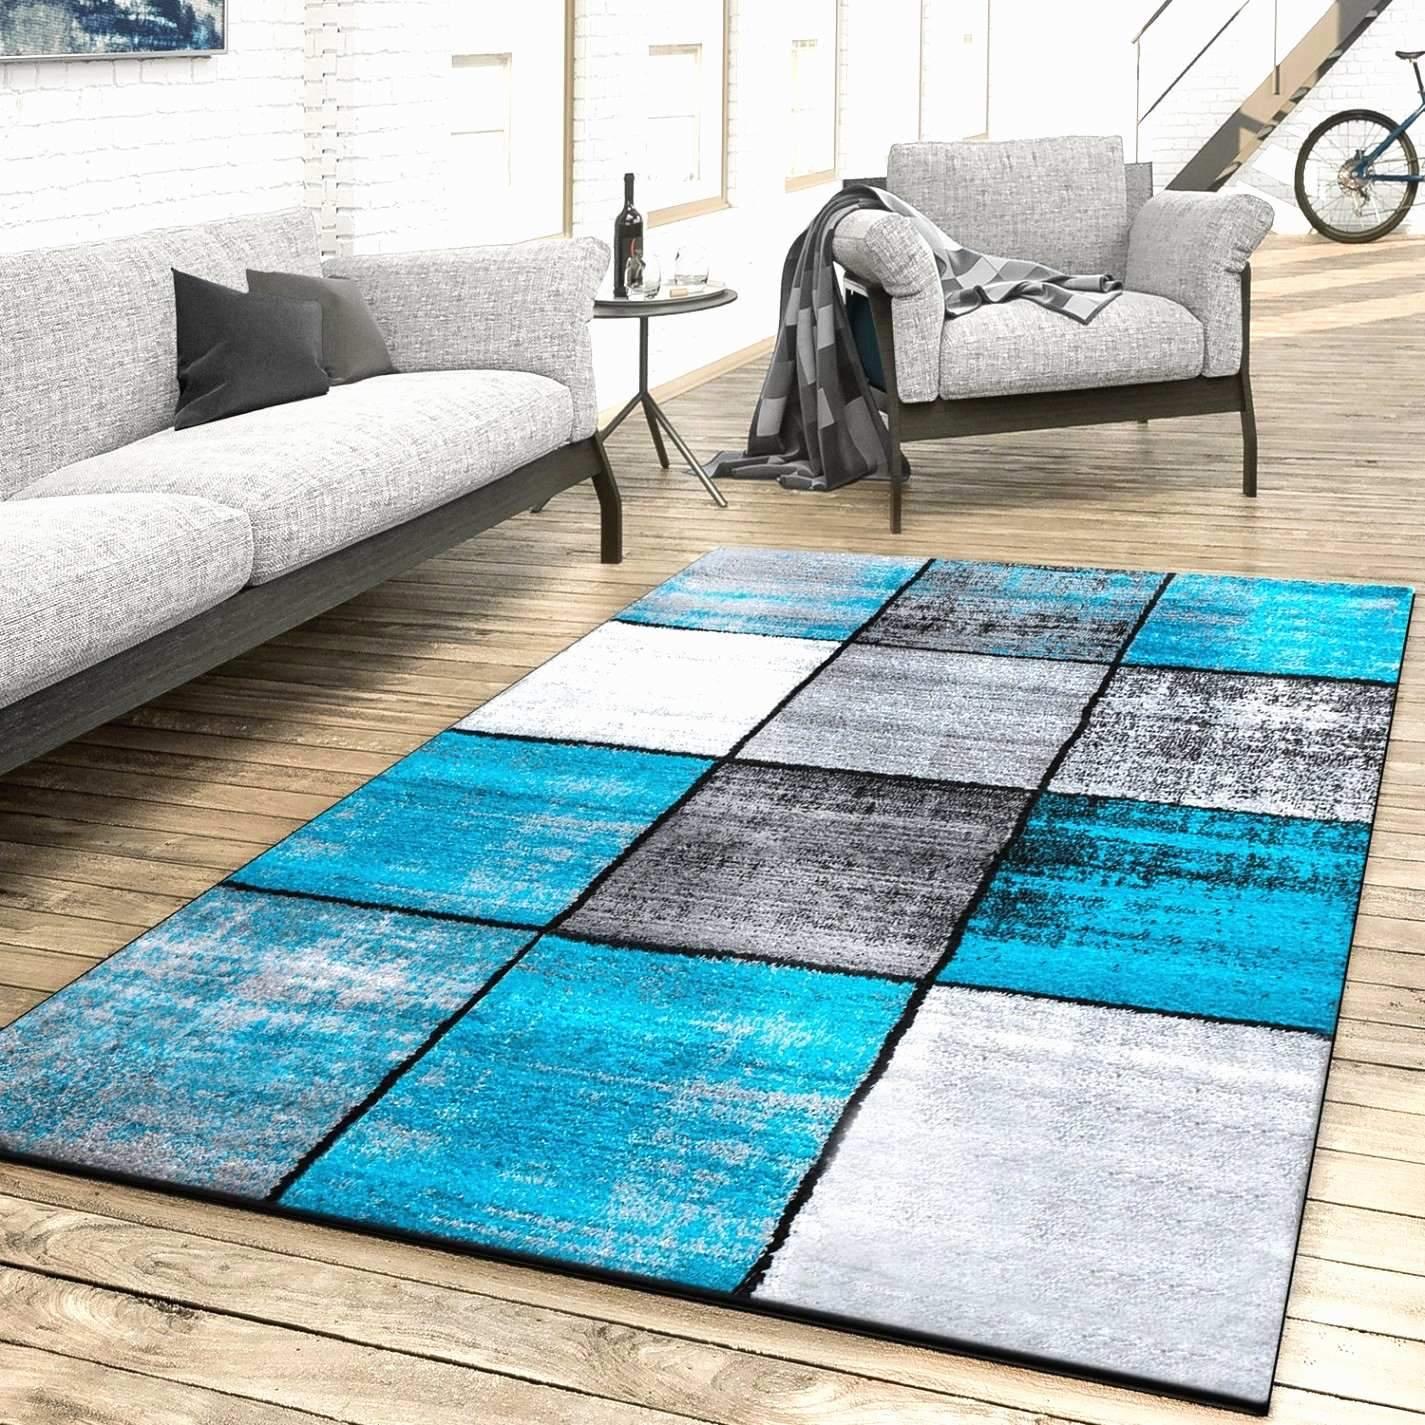 Full Size of Teppich Joop Wohnzimmer Schn 50 Oben Von Küche Schlafzimmer Bad Badezimmer Steinteppich Esstisch Betten Teppiche Für Wohnzimmer Teppich Joop